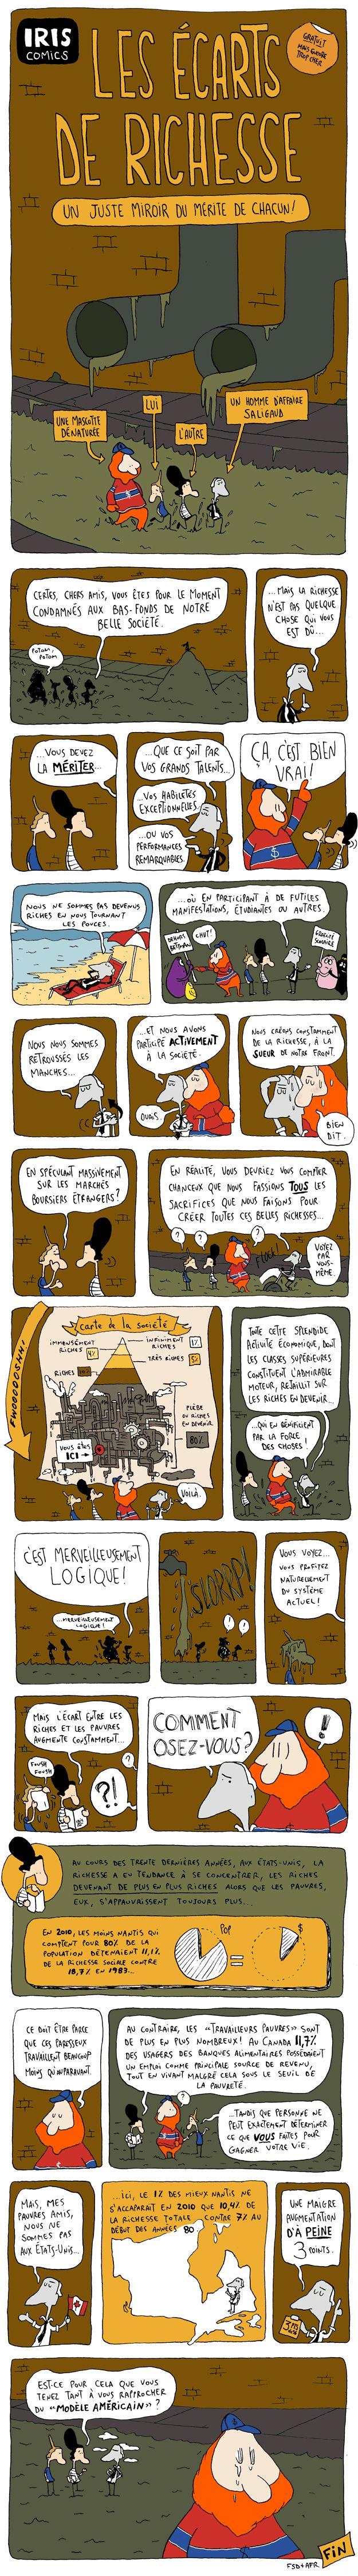 Les écarts de richesse par Alexandre Fontaine Rousseau et François Samson-Dunlop